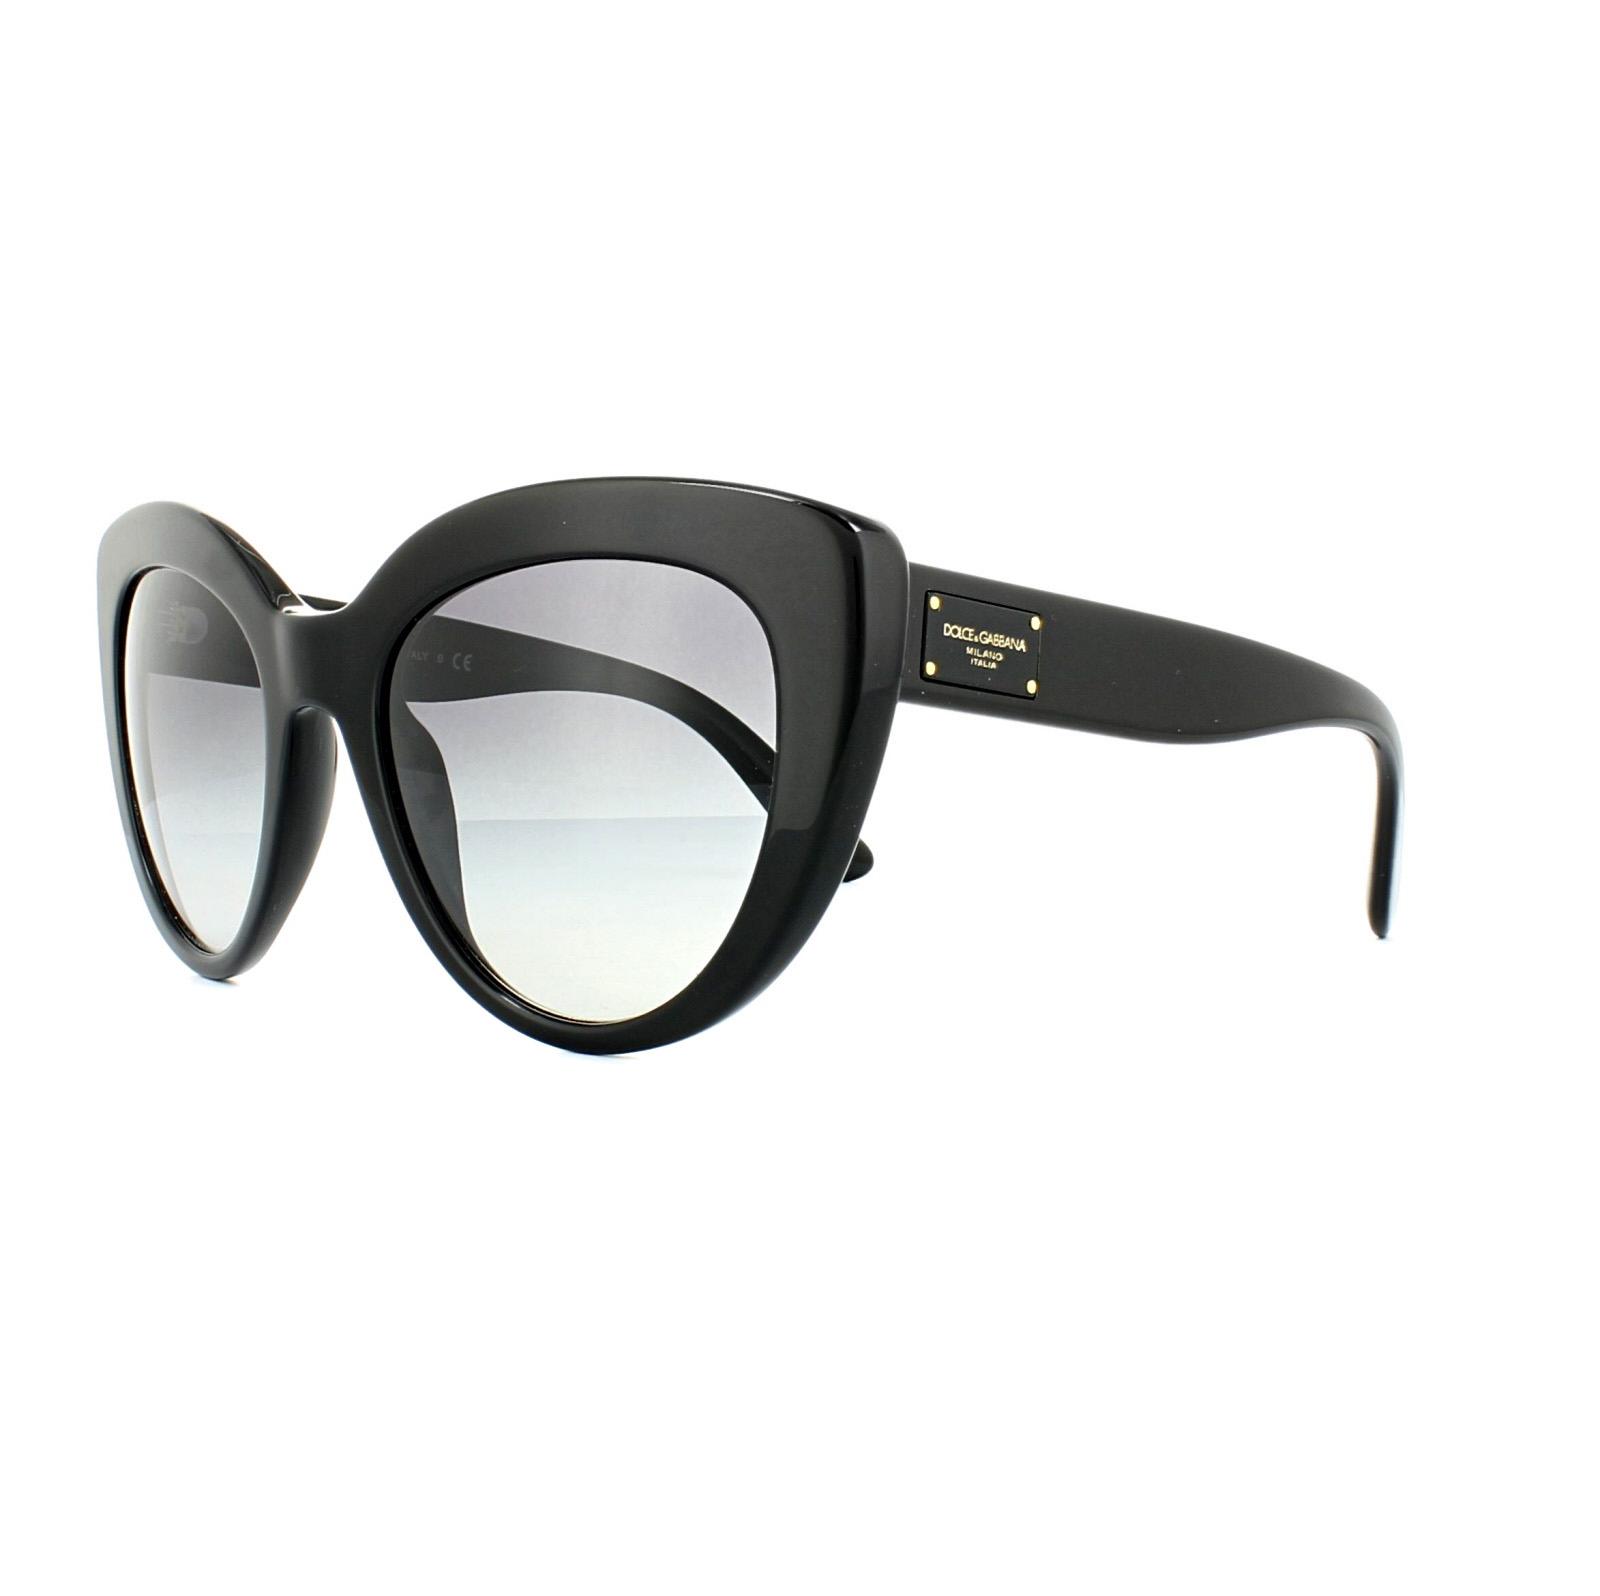 Dolce Gabbana 4287/501/8g s524i8hfS